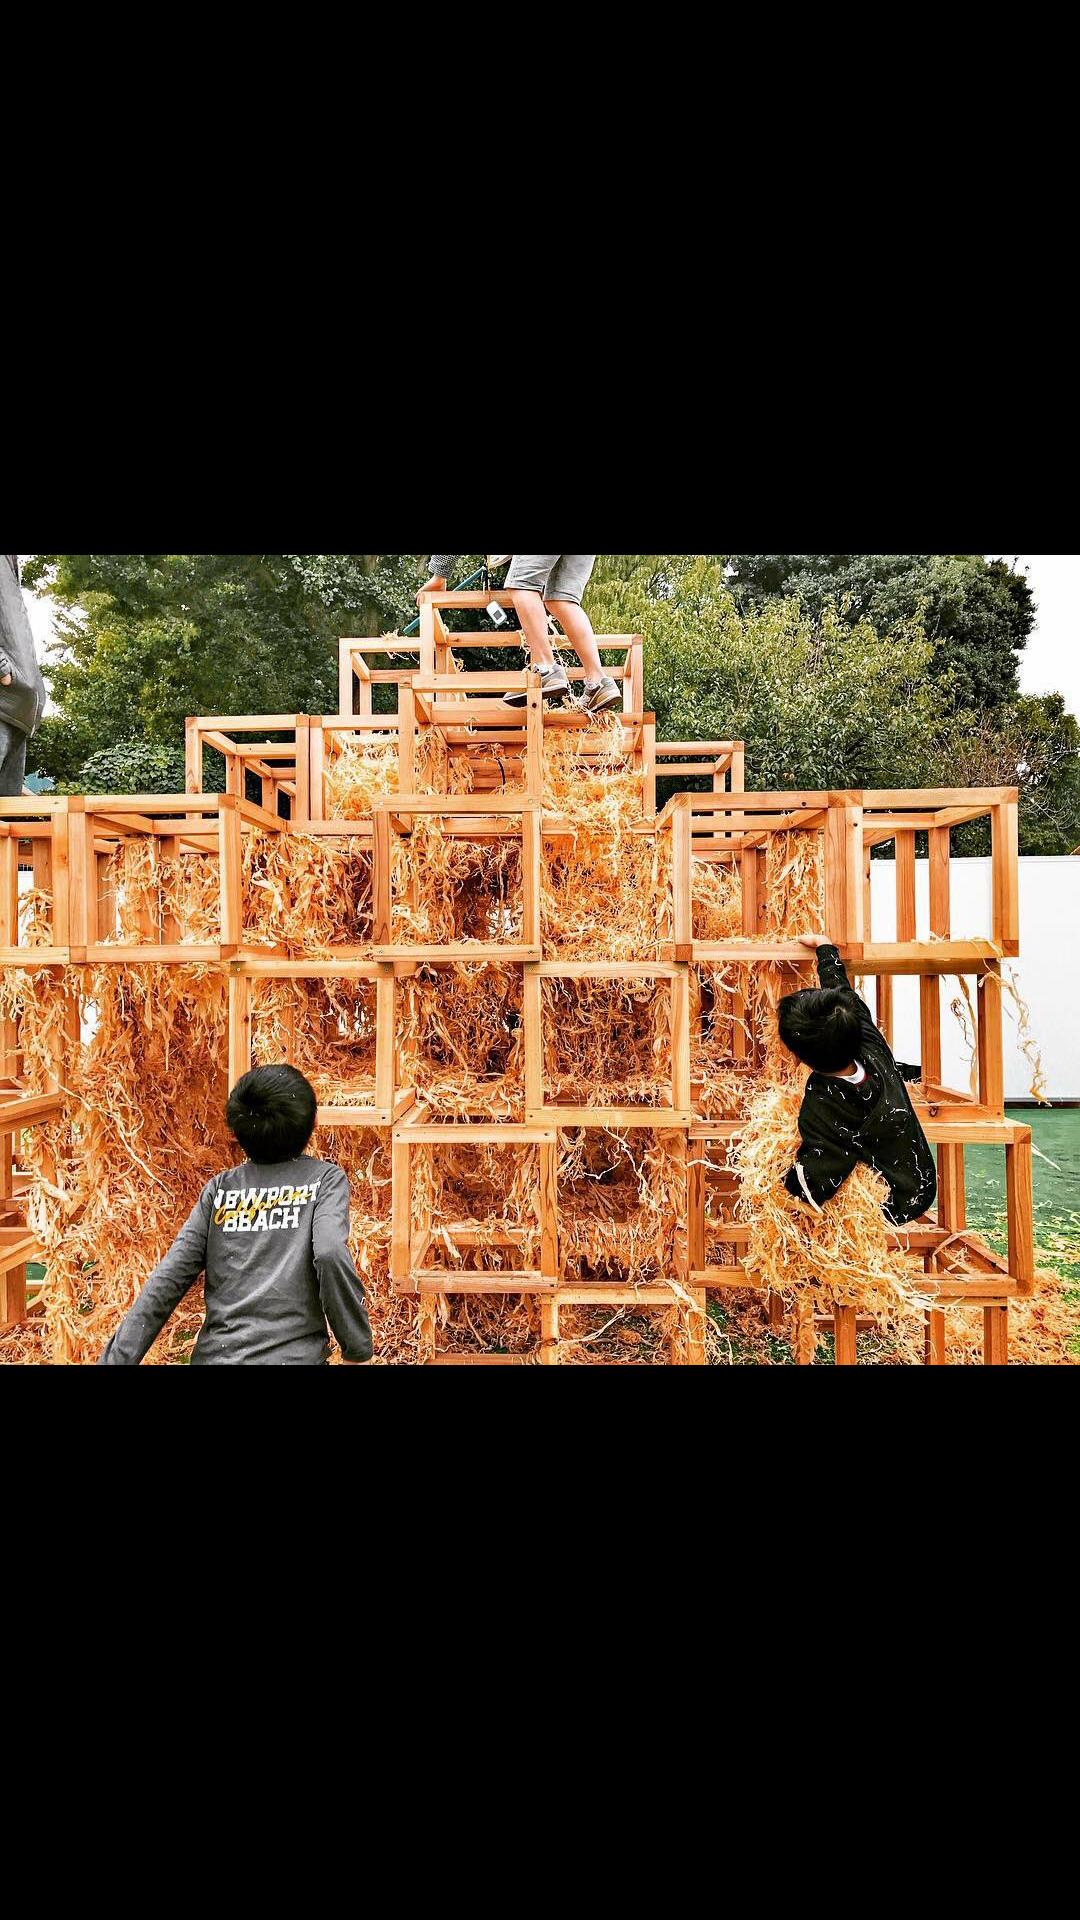 神宮外苑で火災、5才児死亡=イベント展示物燃え―東京・新宿